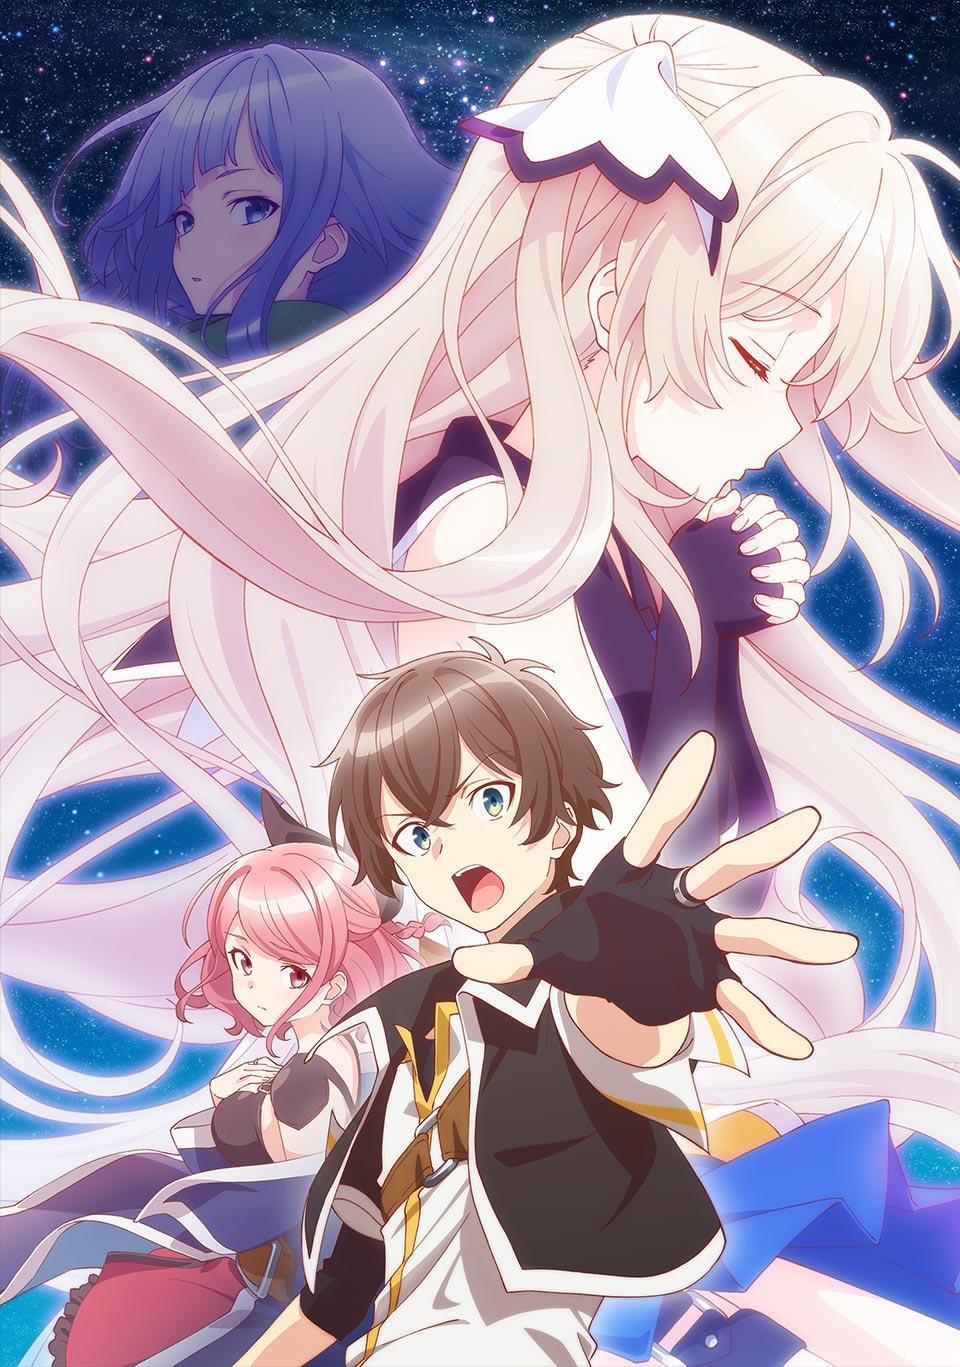 Visuel de l'animé, avec quatre personnages dont Haruto qui tent la main d'un air désespéré, et Asahi en fond avec les mains unies.